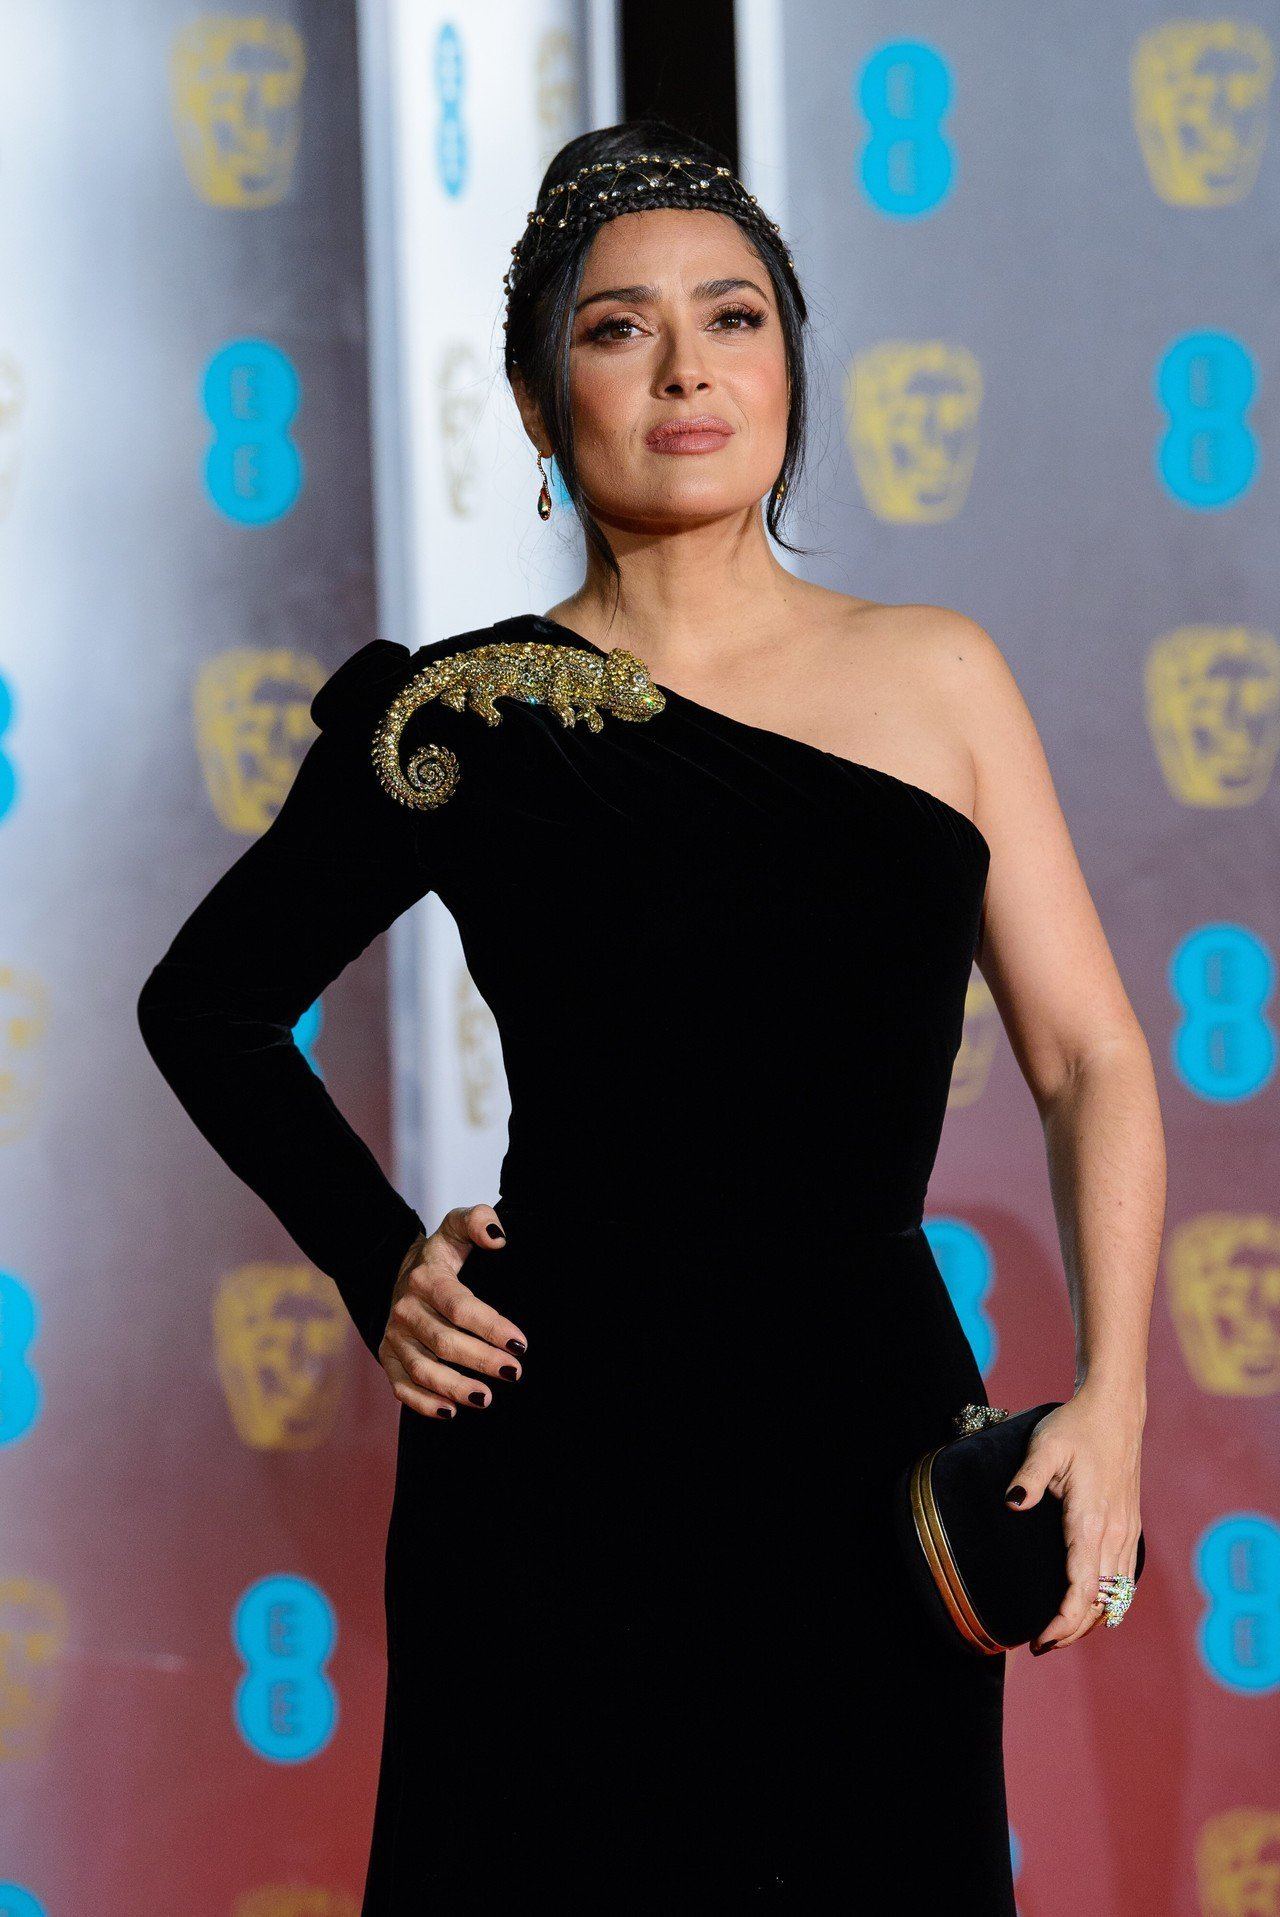 莎瑪海耶克配戴寶詩龍珠寶亮相第72屆英國影藝學院電影獎。圖/寶詩龍提供